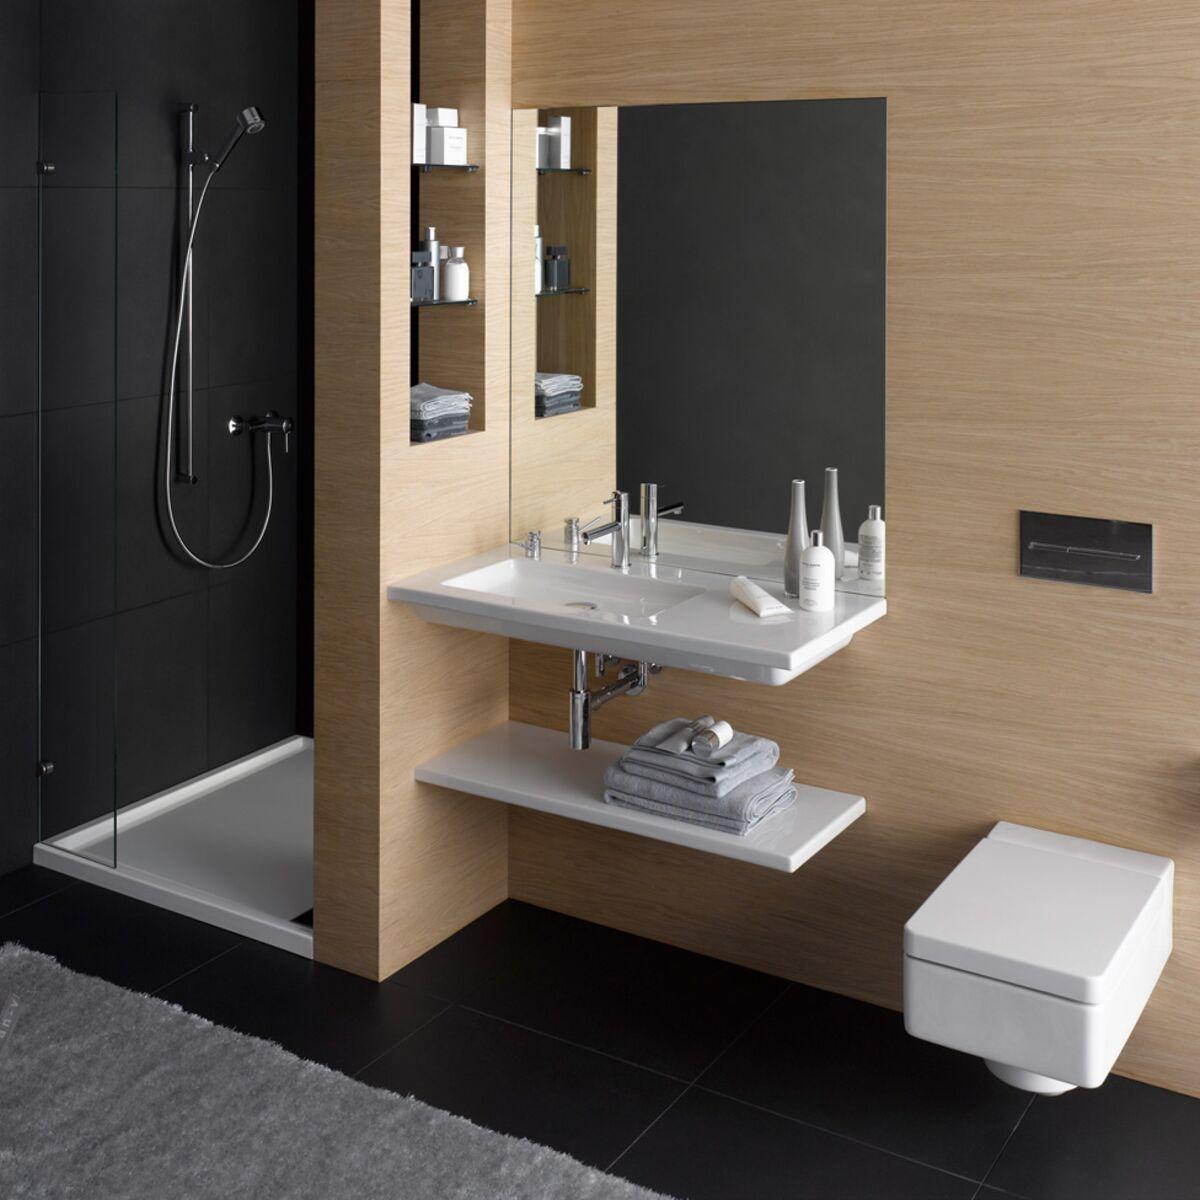 Idee Salle De Bain Sous Pente petites salles de bains : nos idées déco : femme actuelle le mag